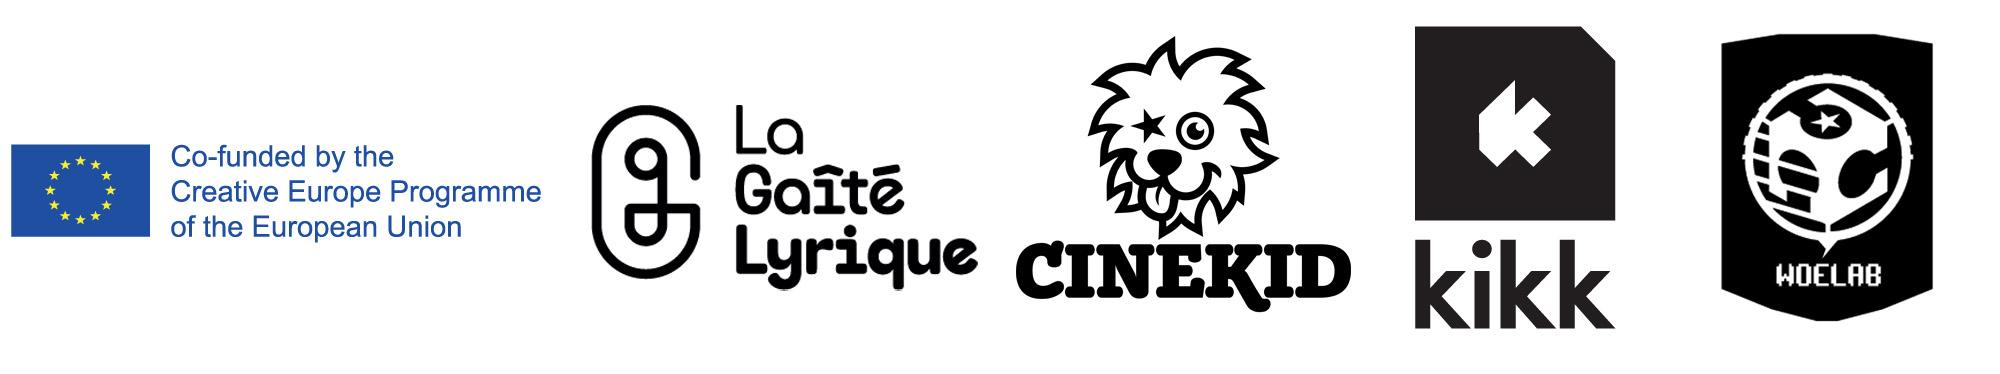 [Logos] Partenaires VCF.jpg